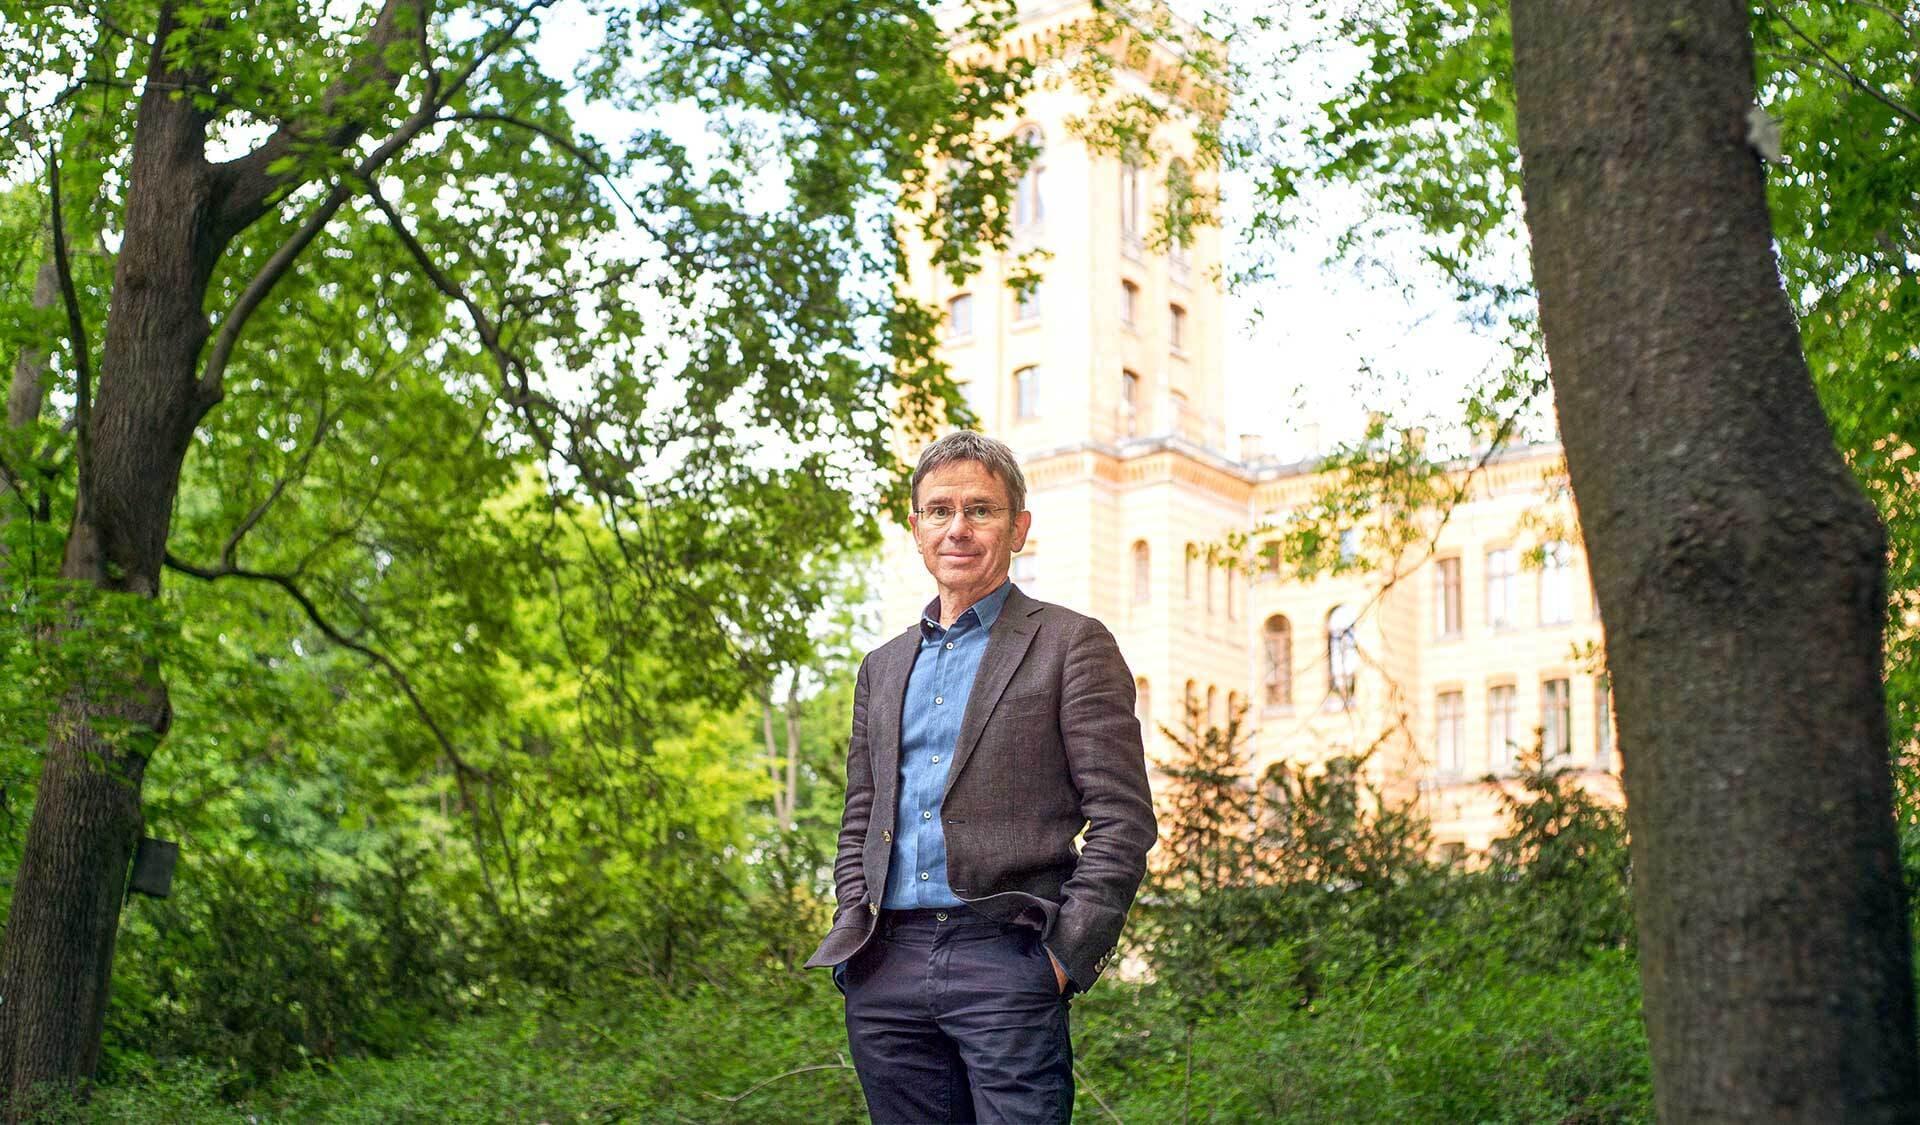 Stefan Rahmsdorf im Porträt